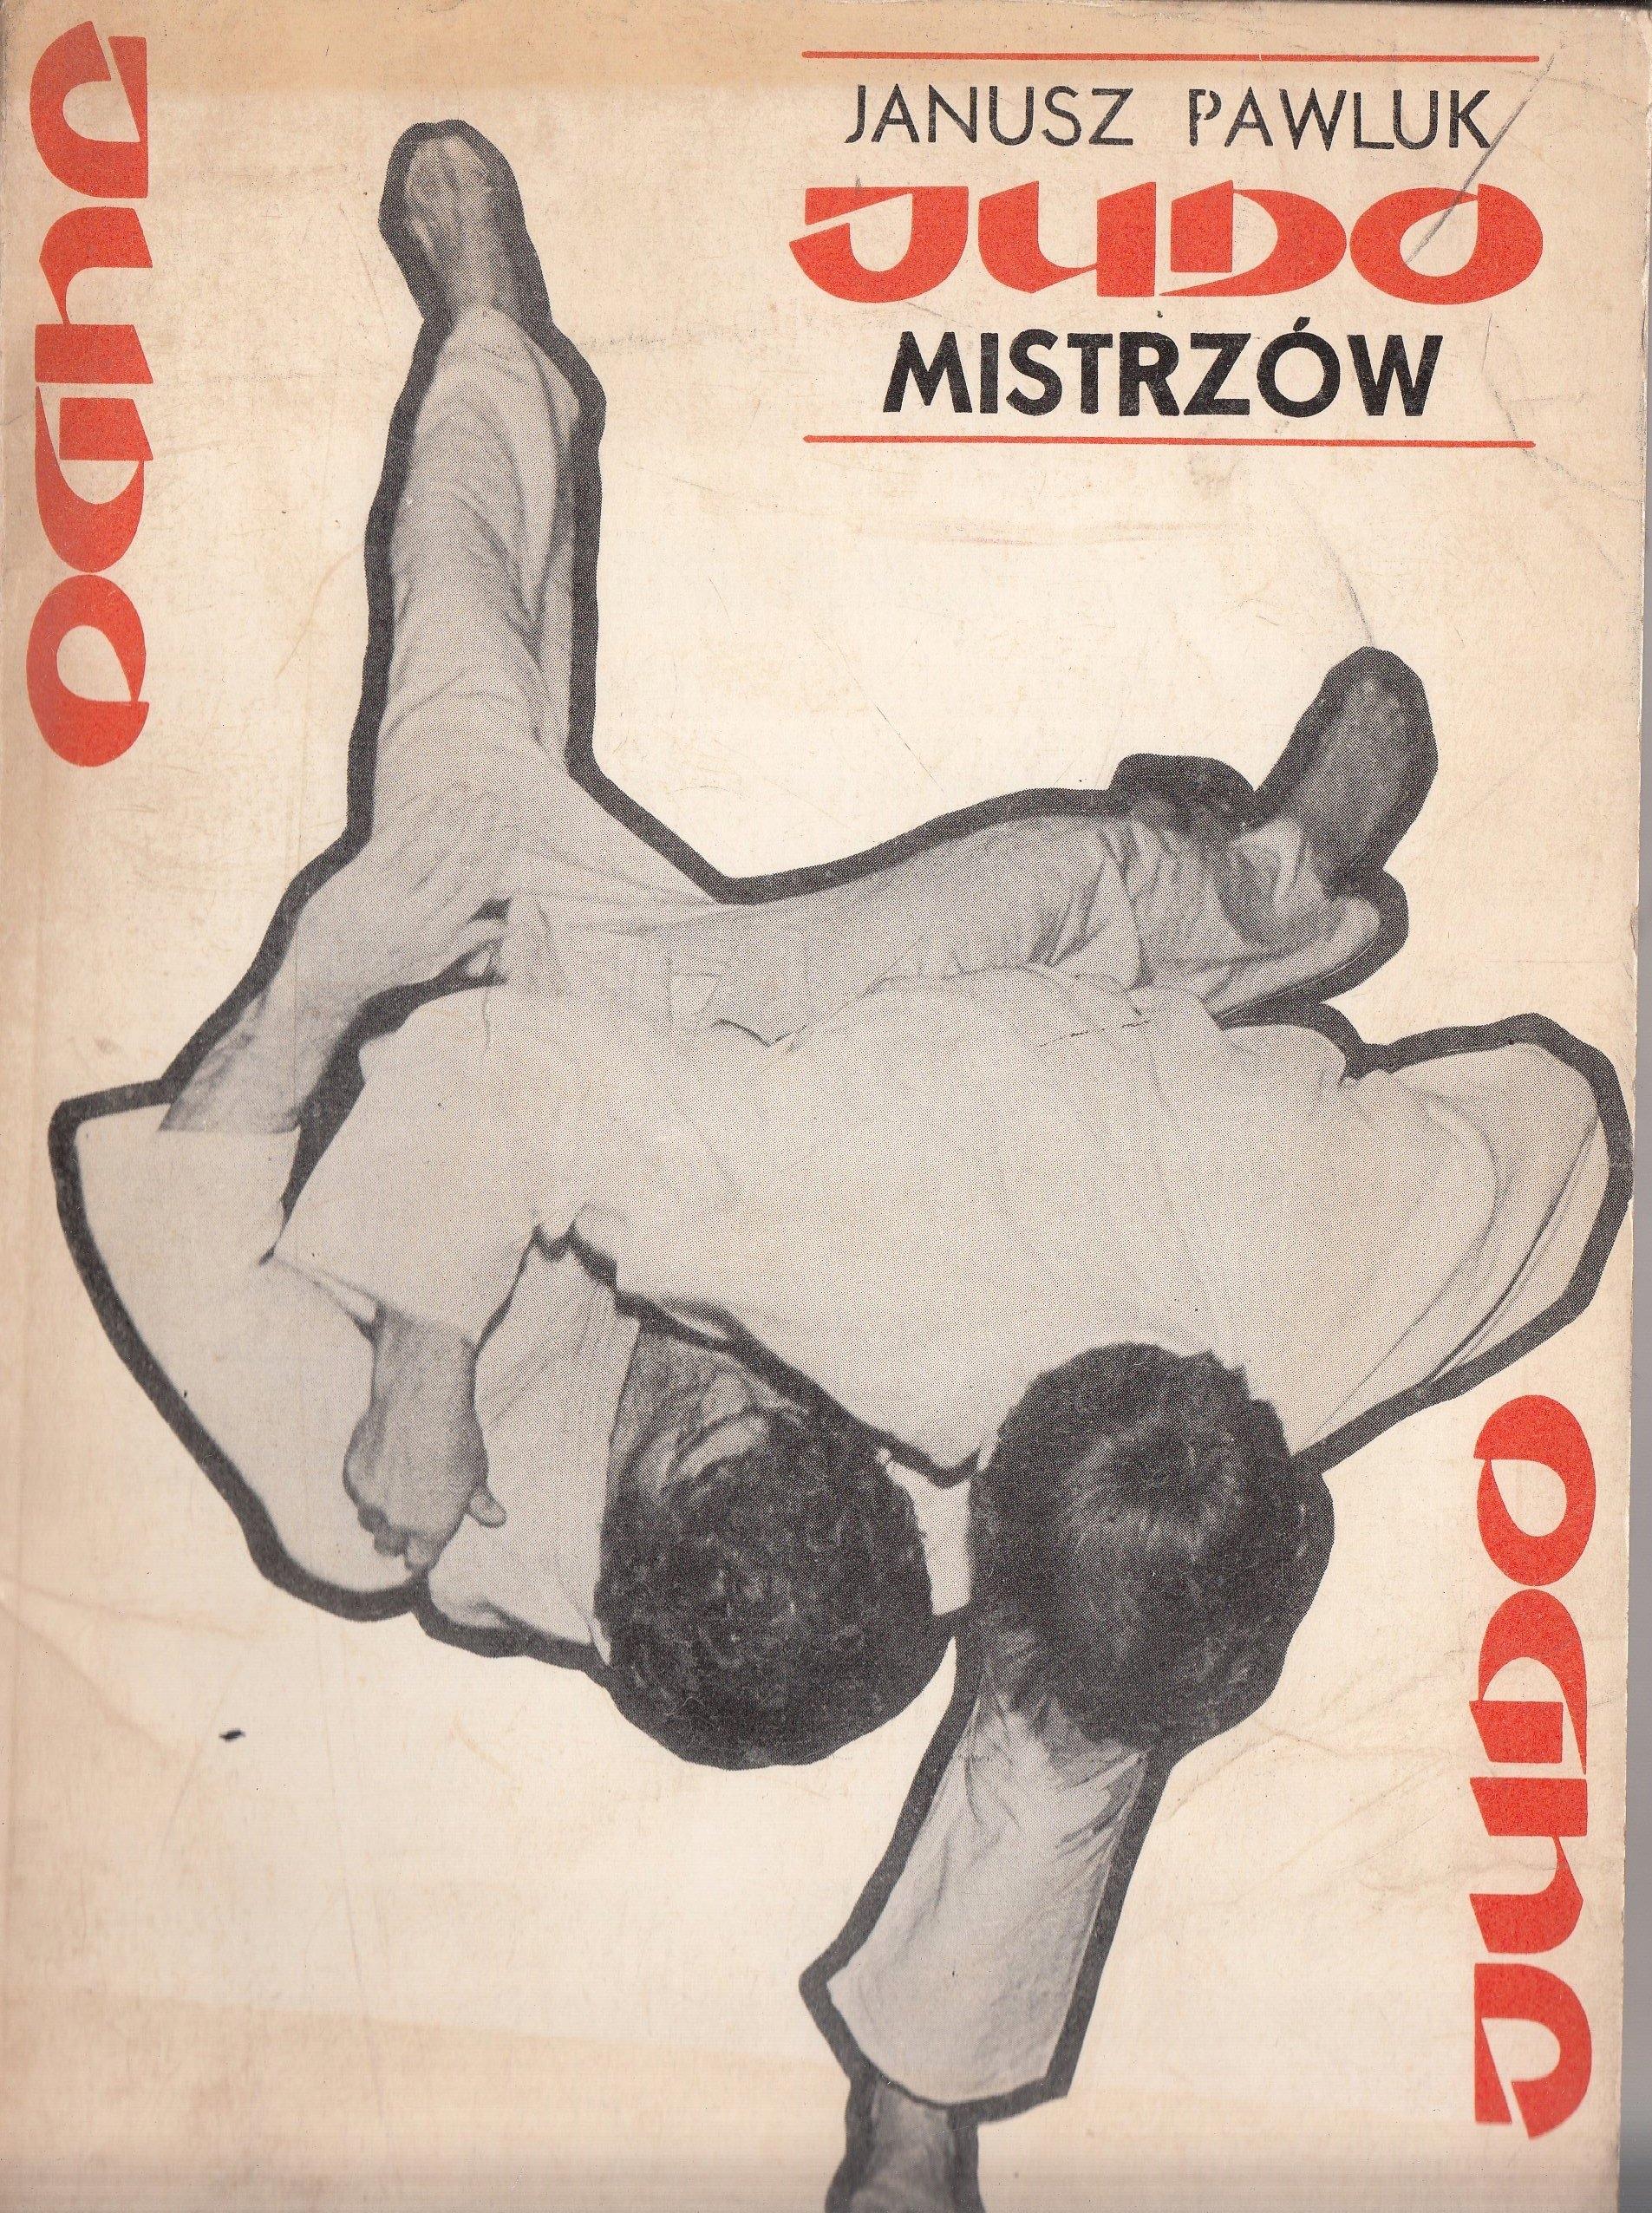 Judo mistrzów Janusz Pawluk